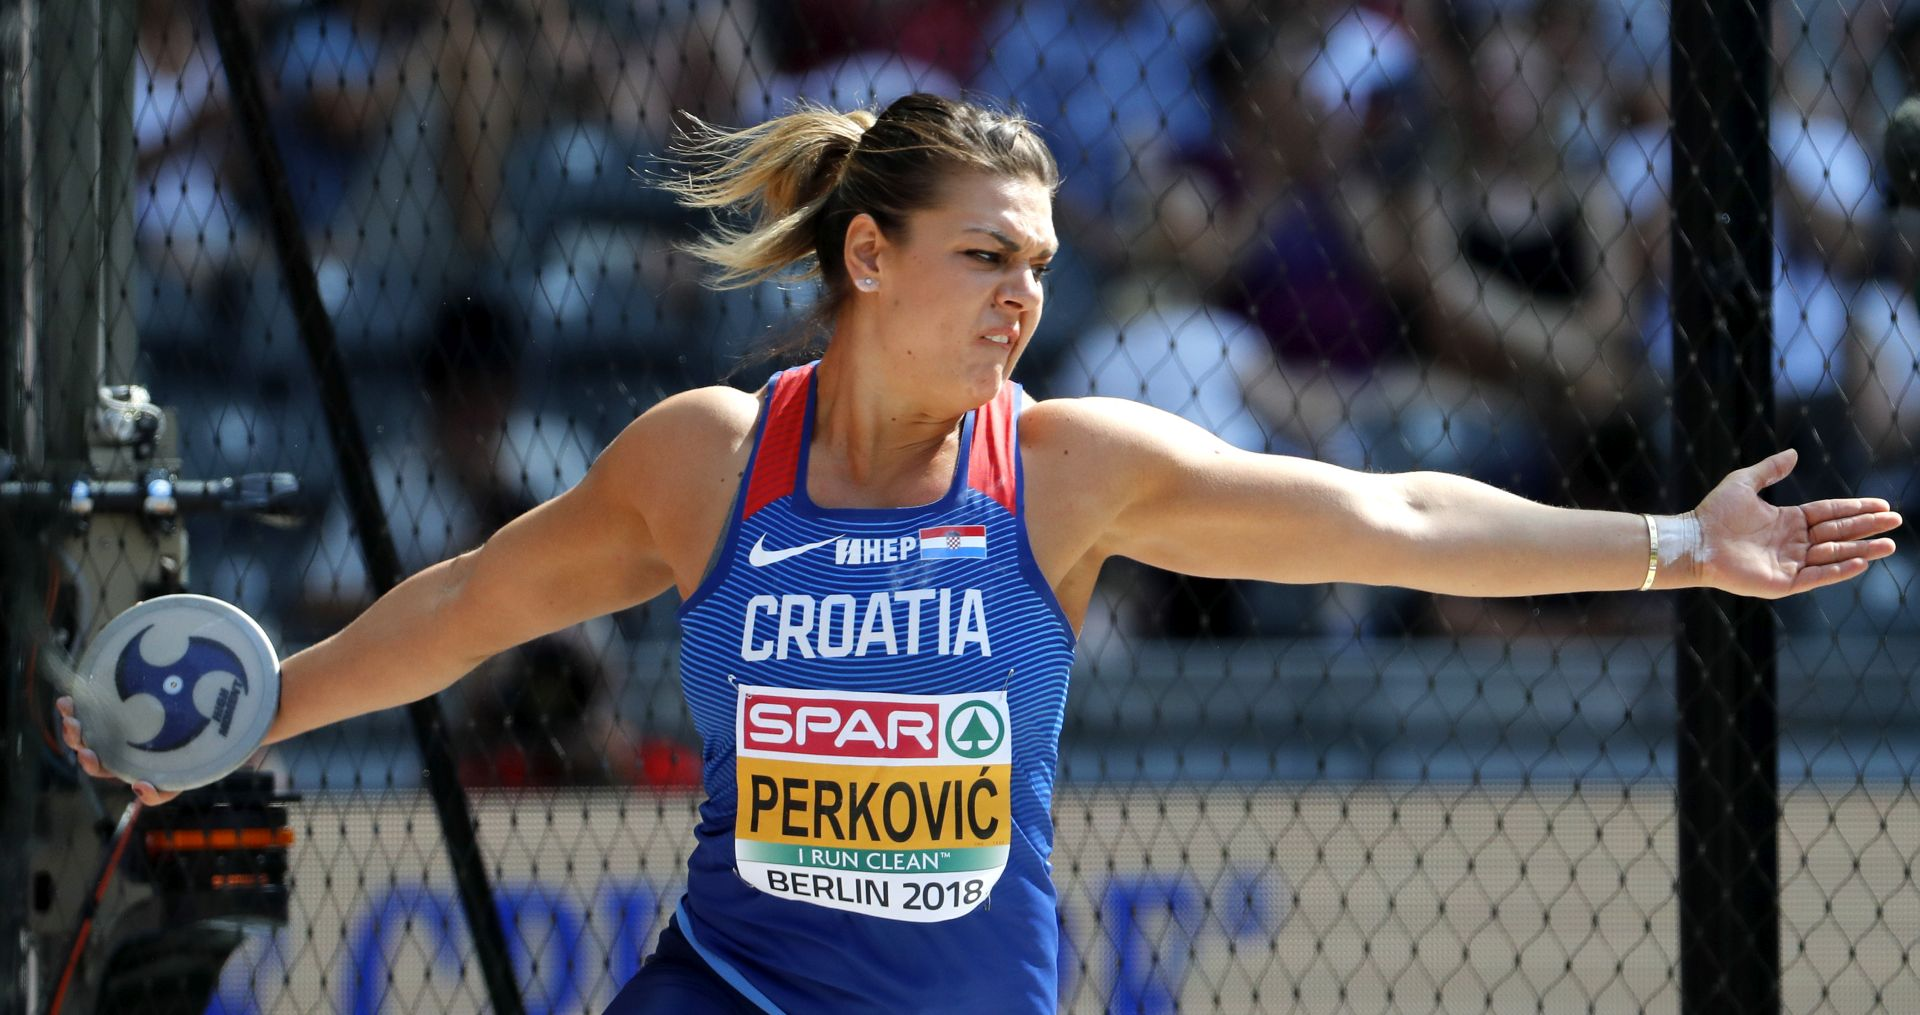 UŽIVO: BRAVO SANDRA! Perković europska prvakinja!!!